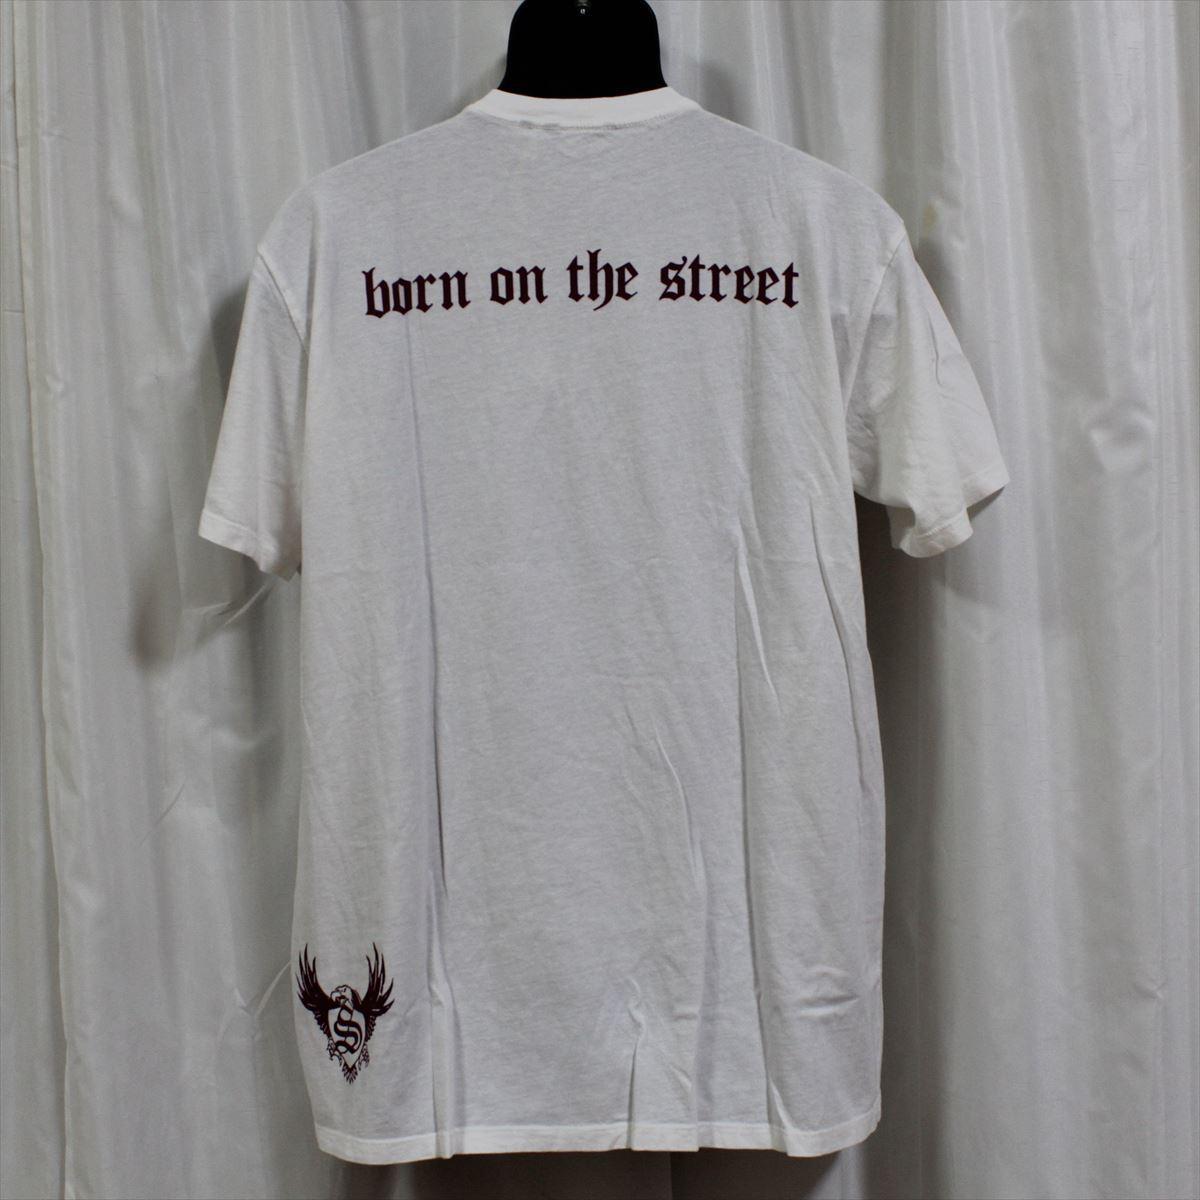 スメット SMET メンズ半袖Tシャツ ホワイト Lサイズ NO11 新品 白 スカル_画像4